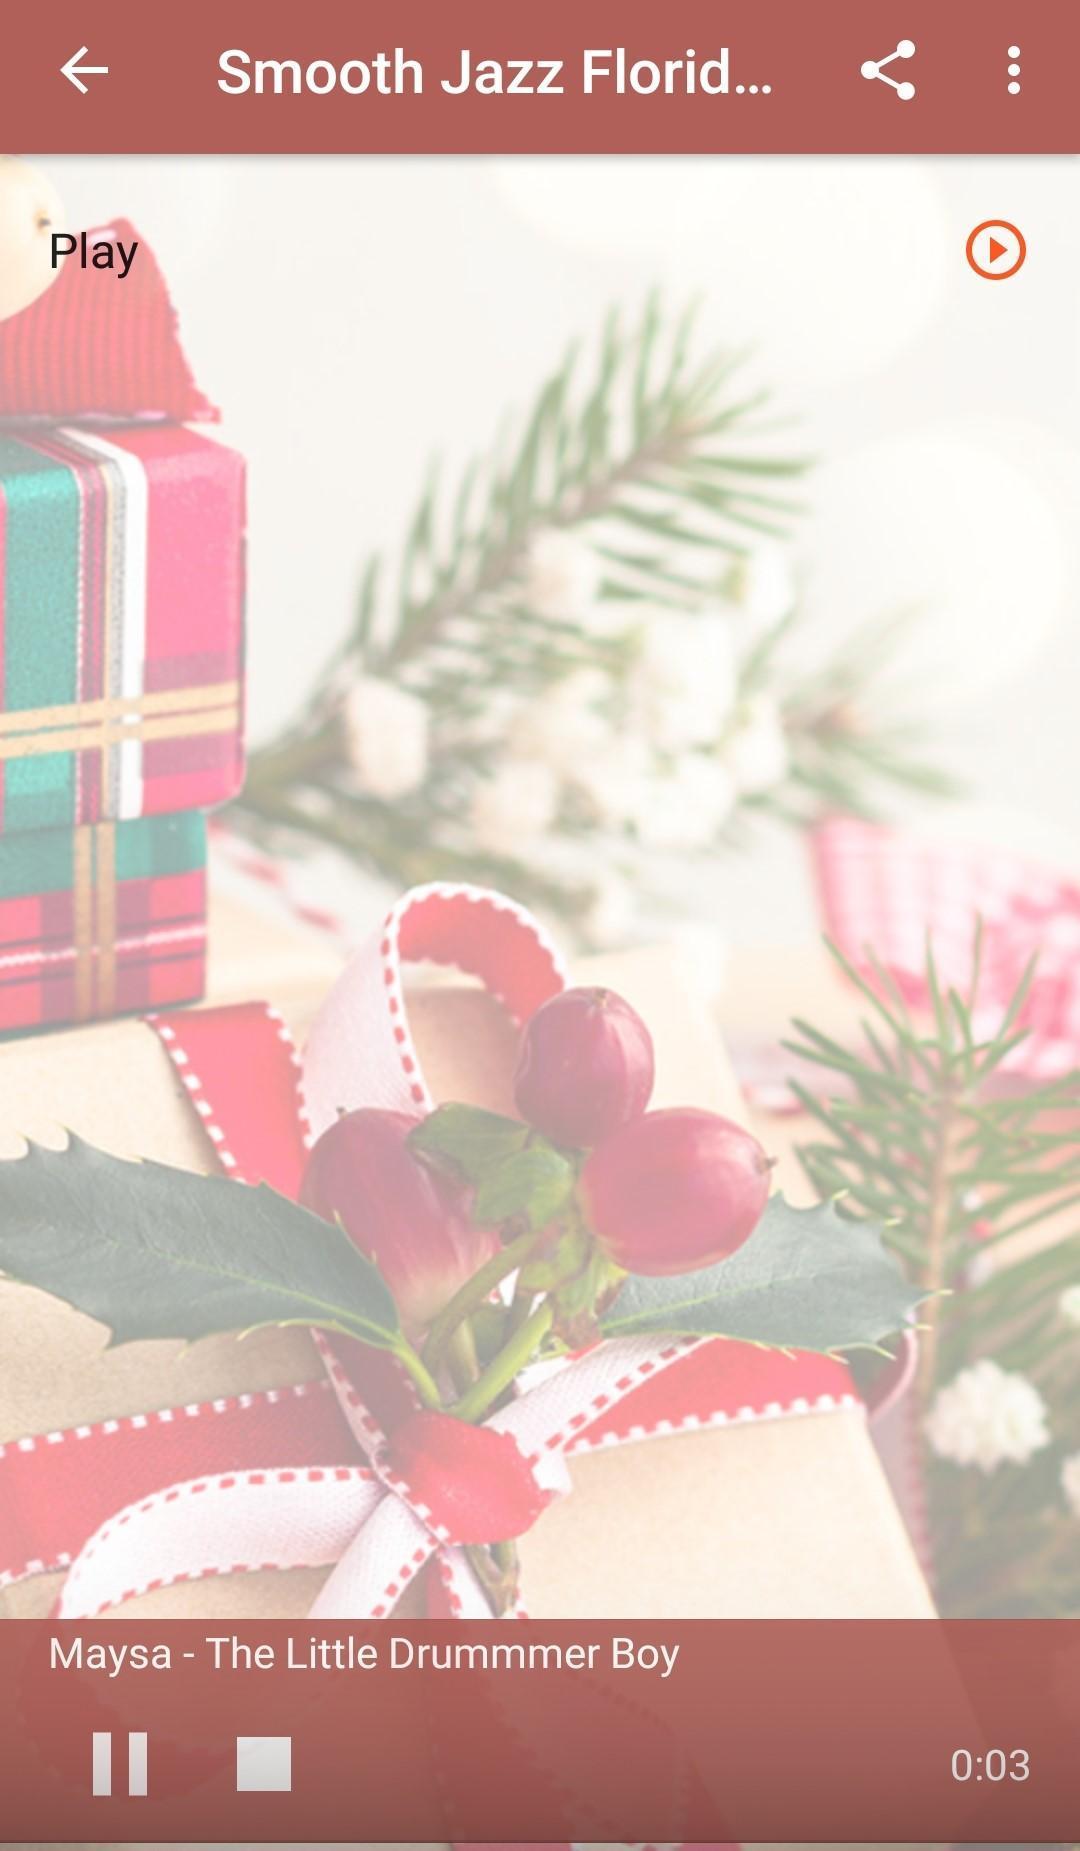 B101 Christmas Music 2021 Christmas Music 2021 For Android Apk Download